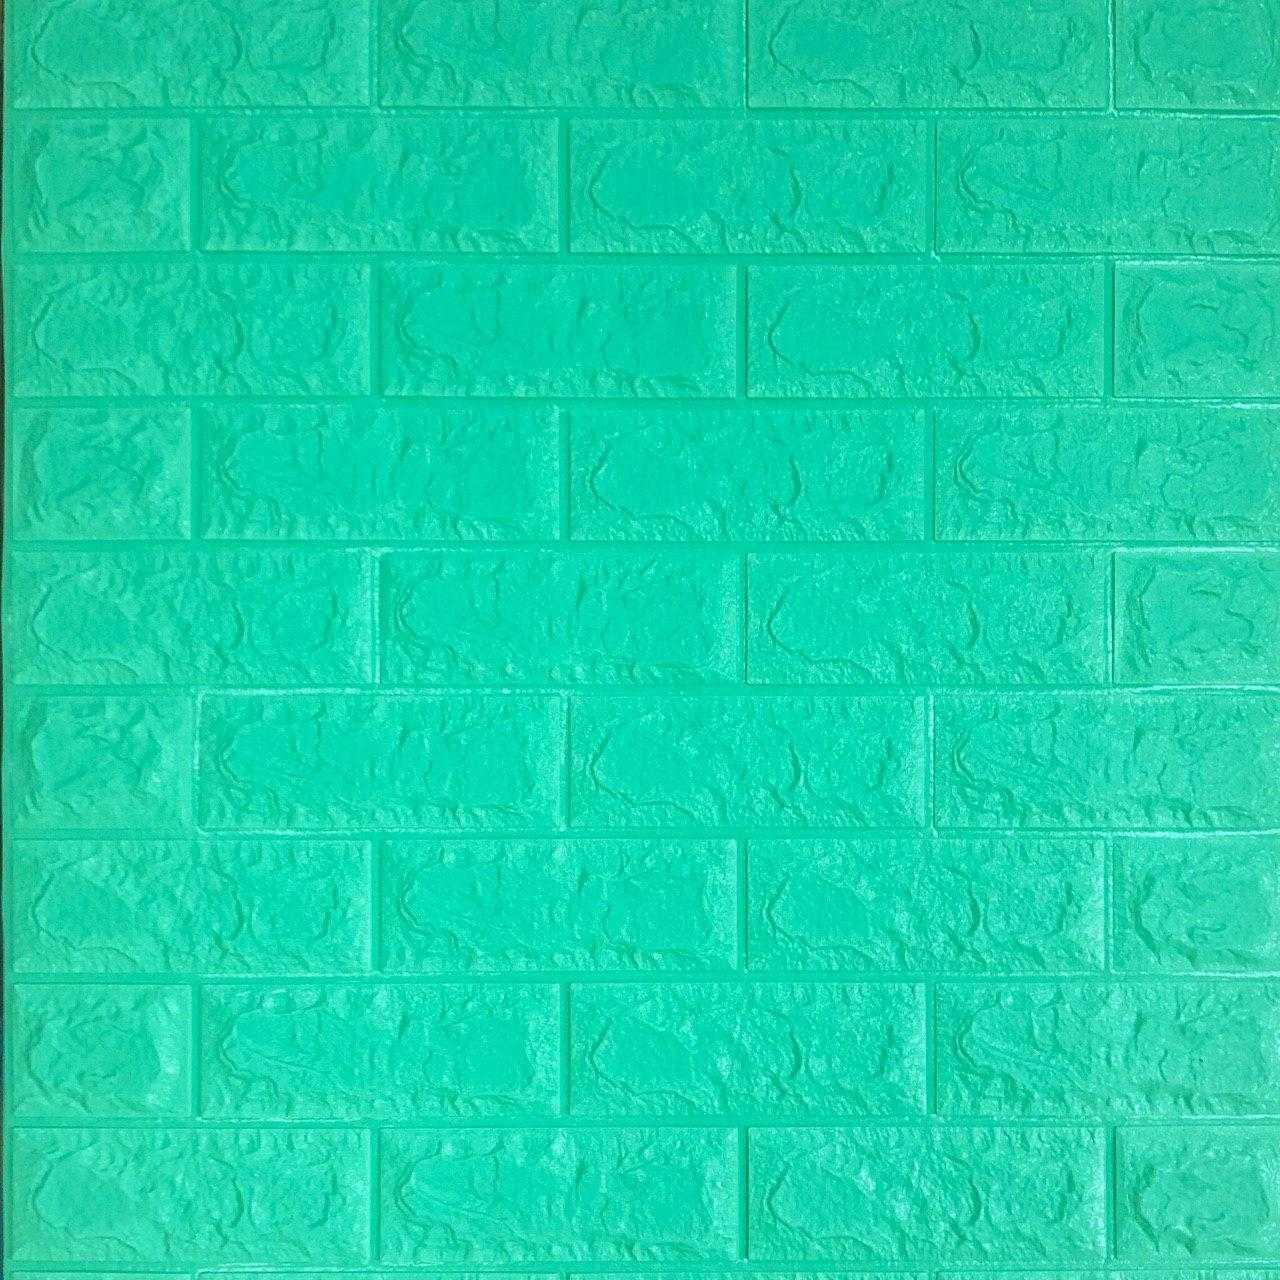 3д панель стіновий декоративний М'ята Цегла (самоклеючі 3d панелі оригінал) зелений 700x770x5 мм